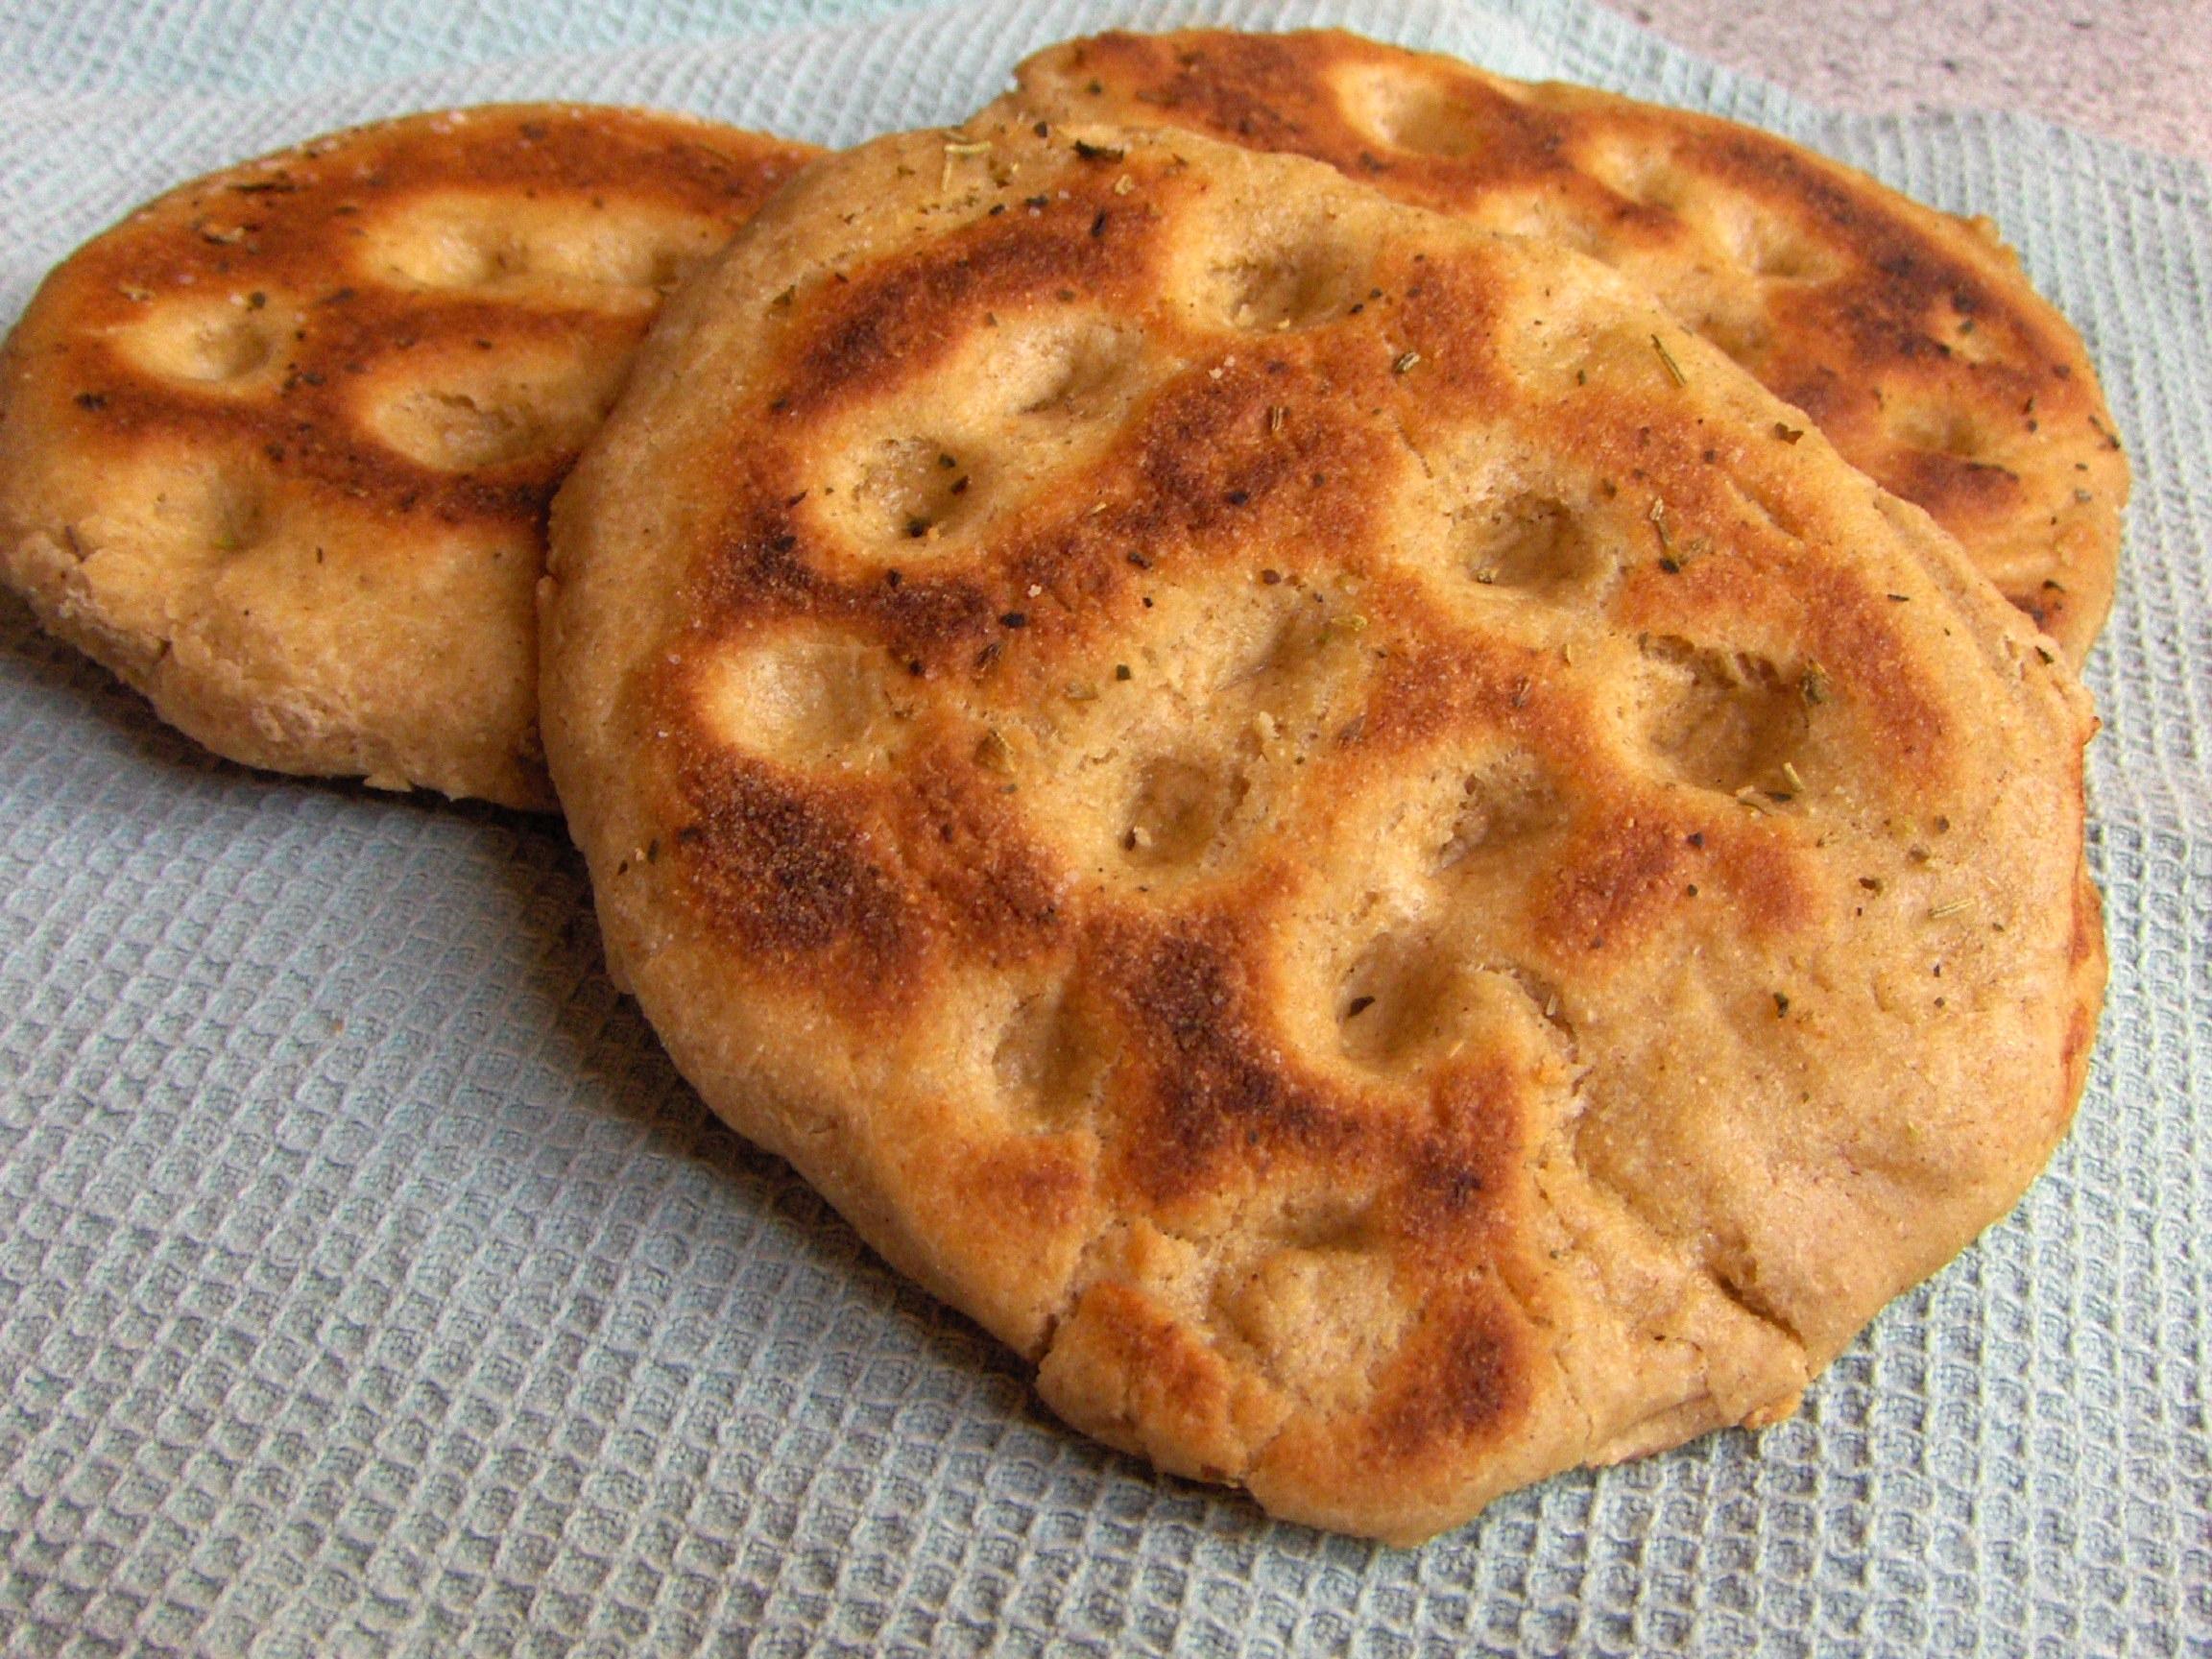 Grillbrød